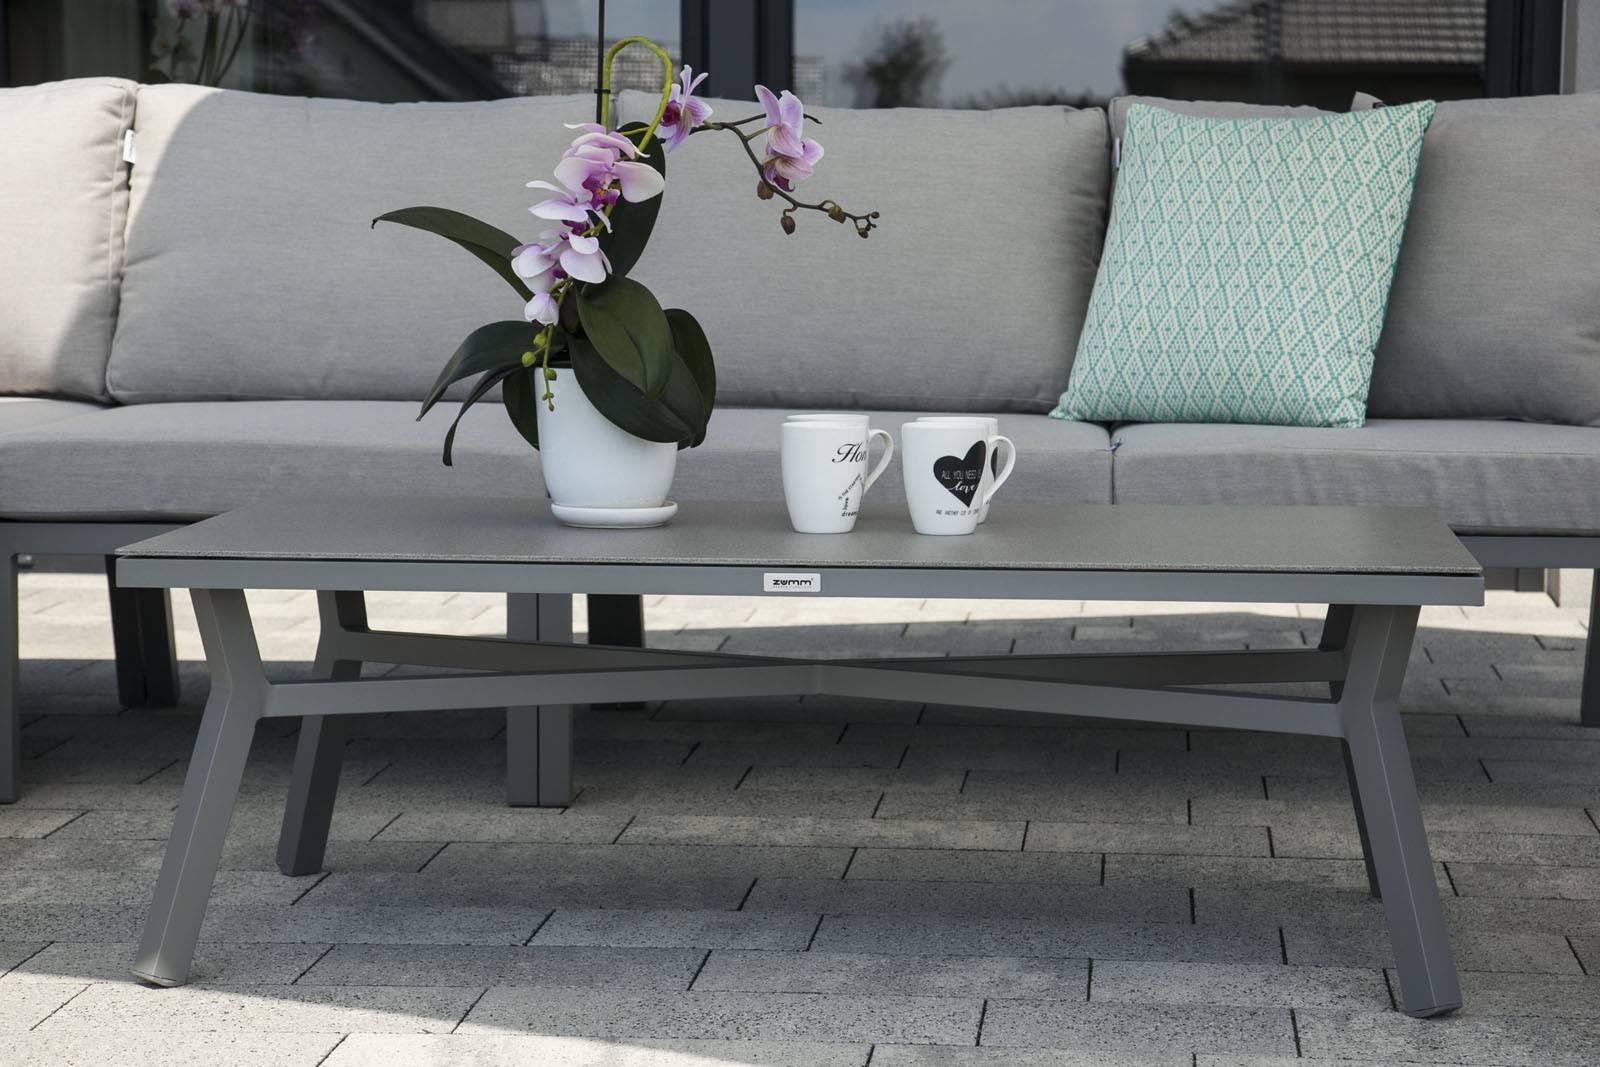 Záhradná hliníková súprava LUGO - STONE&WOOD